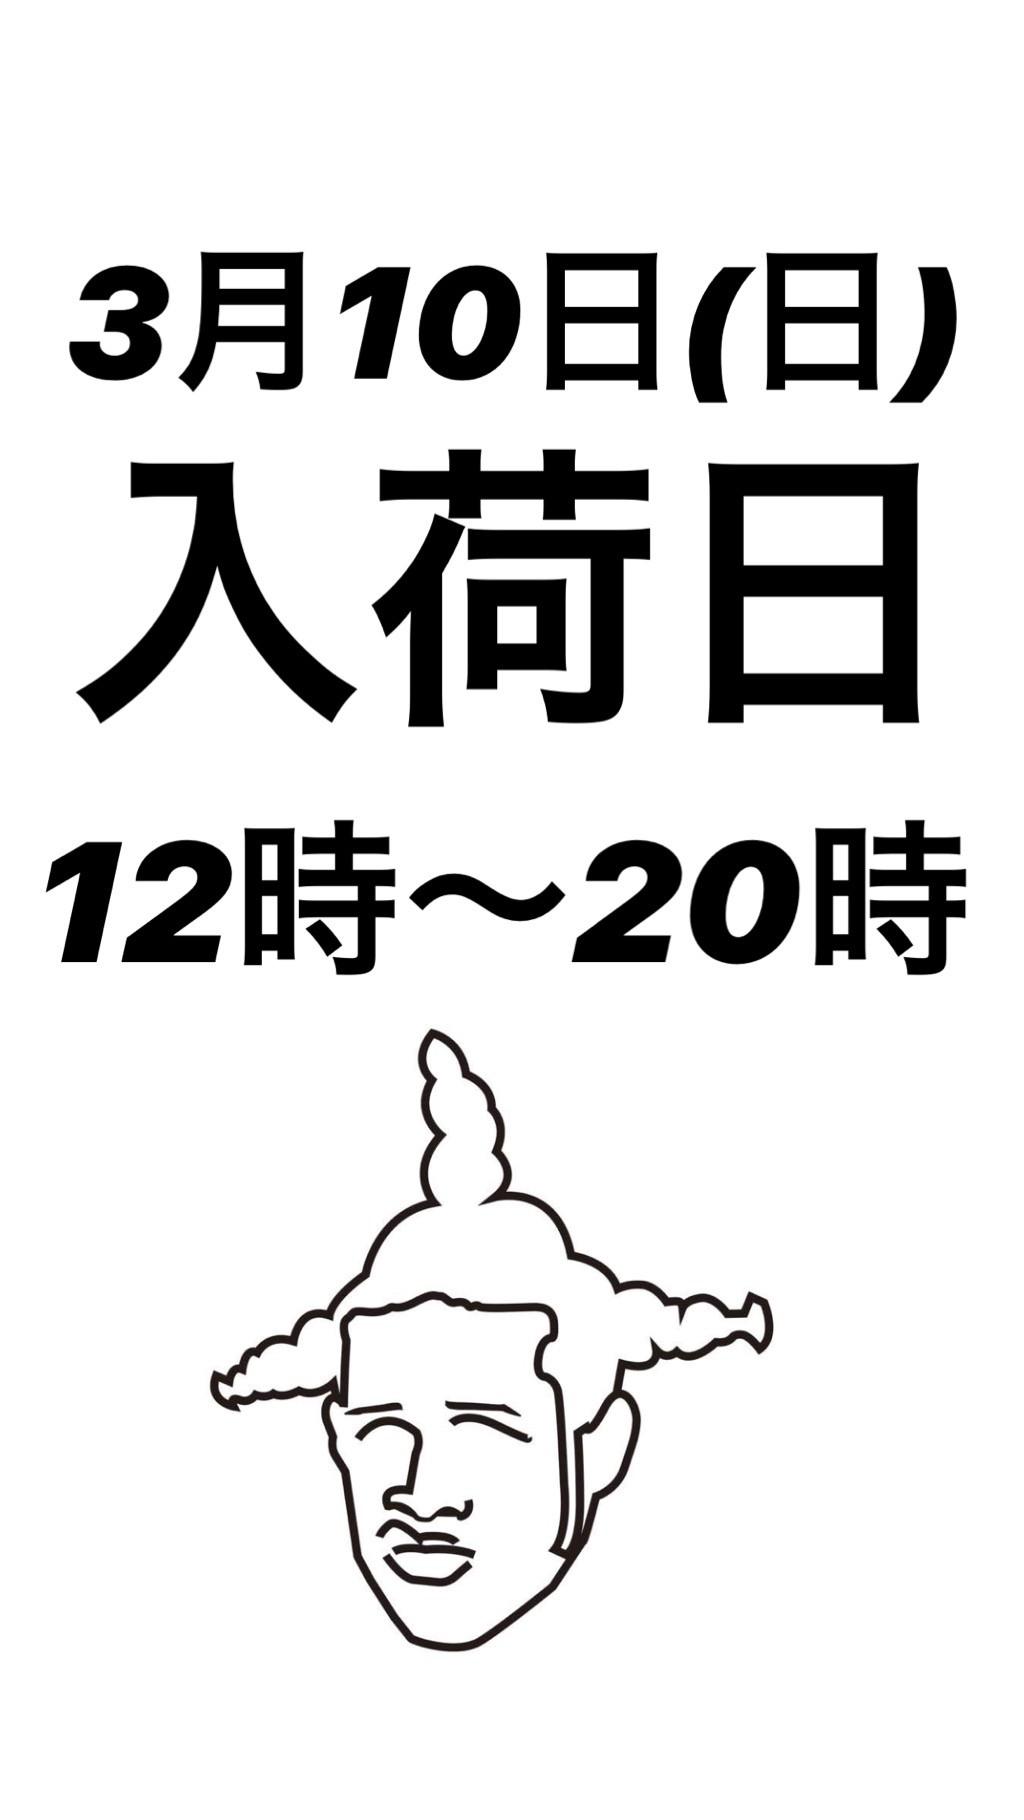 2019年3月10日(日)入荷日